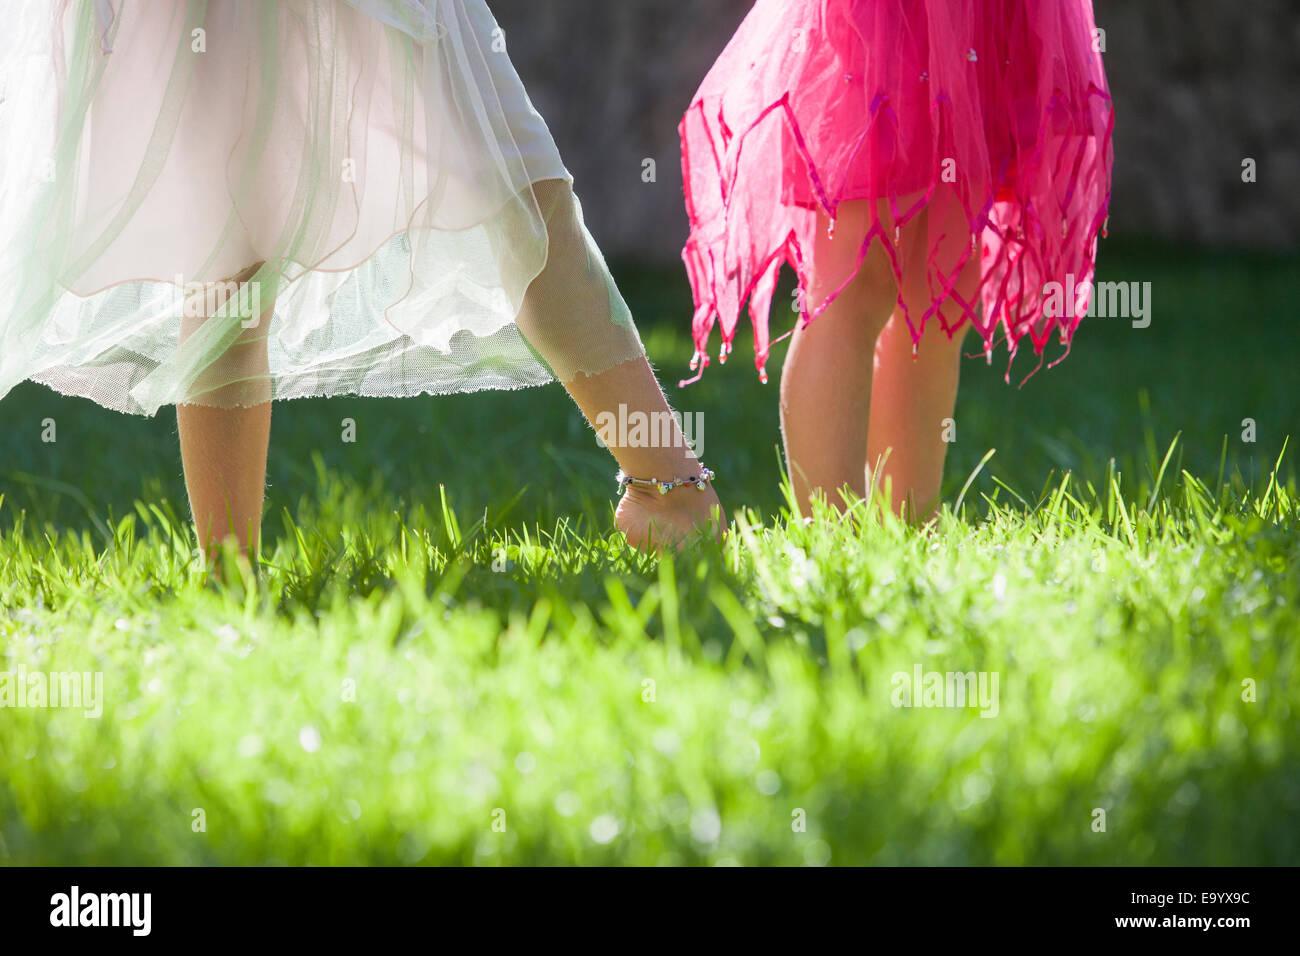 Zugeschnittenen Schuss der Beine von zwei Mädchen in Fee Kostüm im Garten Stockbild